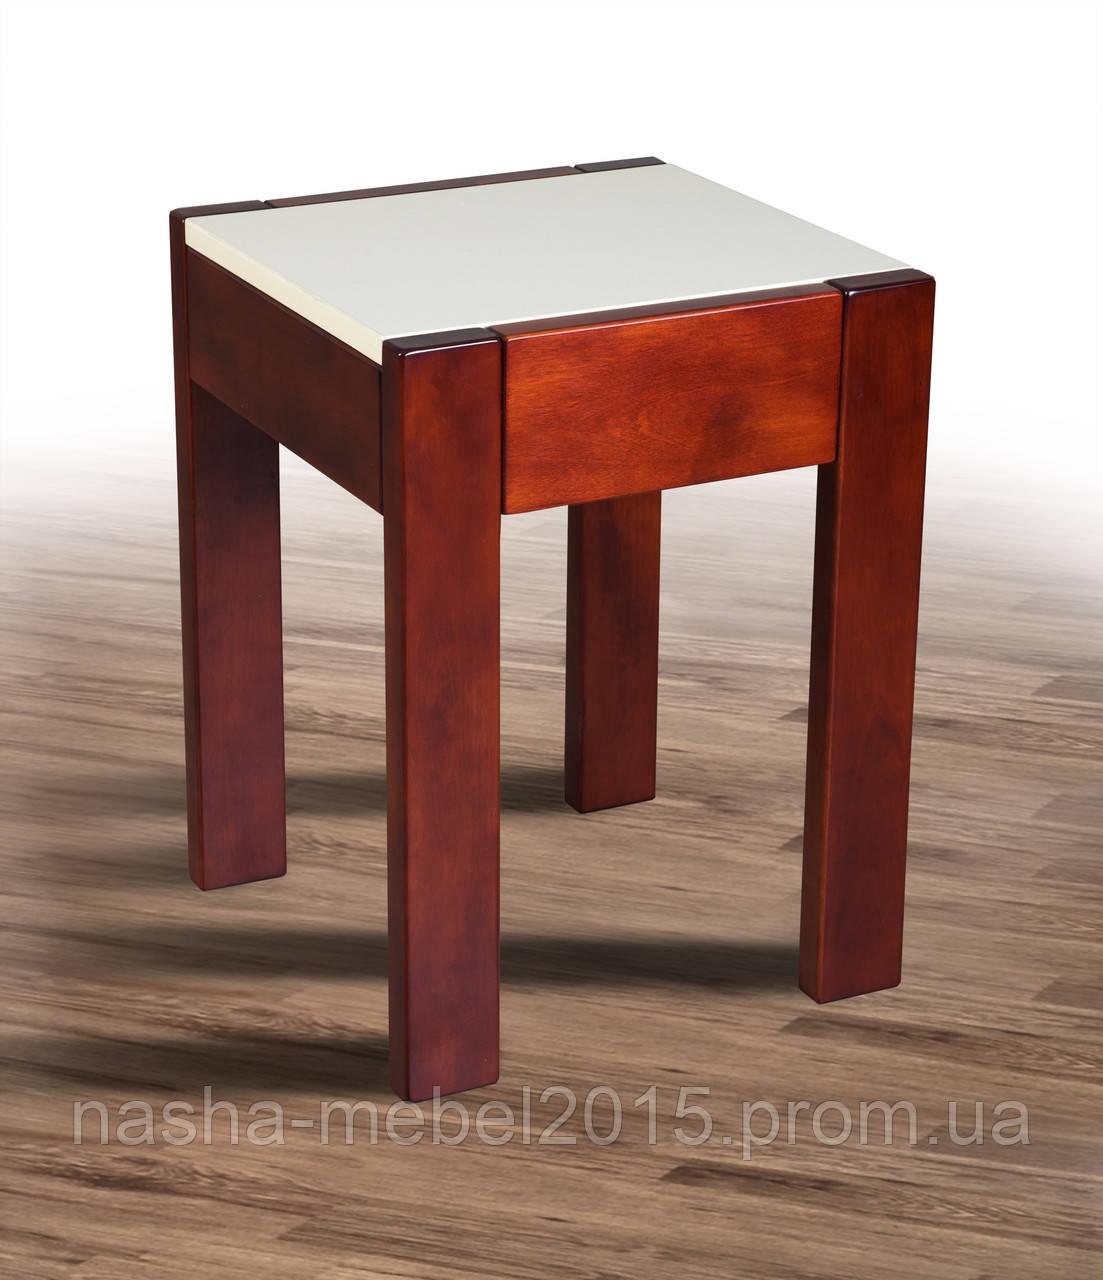 Табурет Слайдер орех